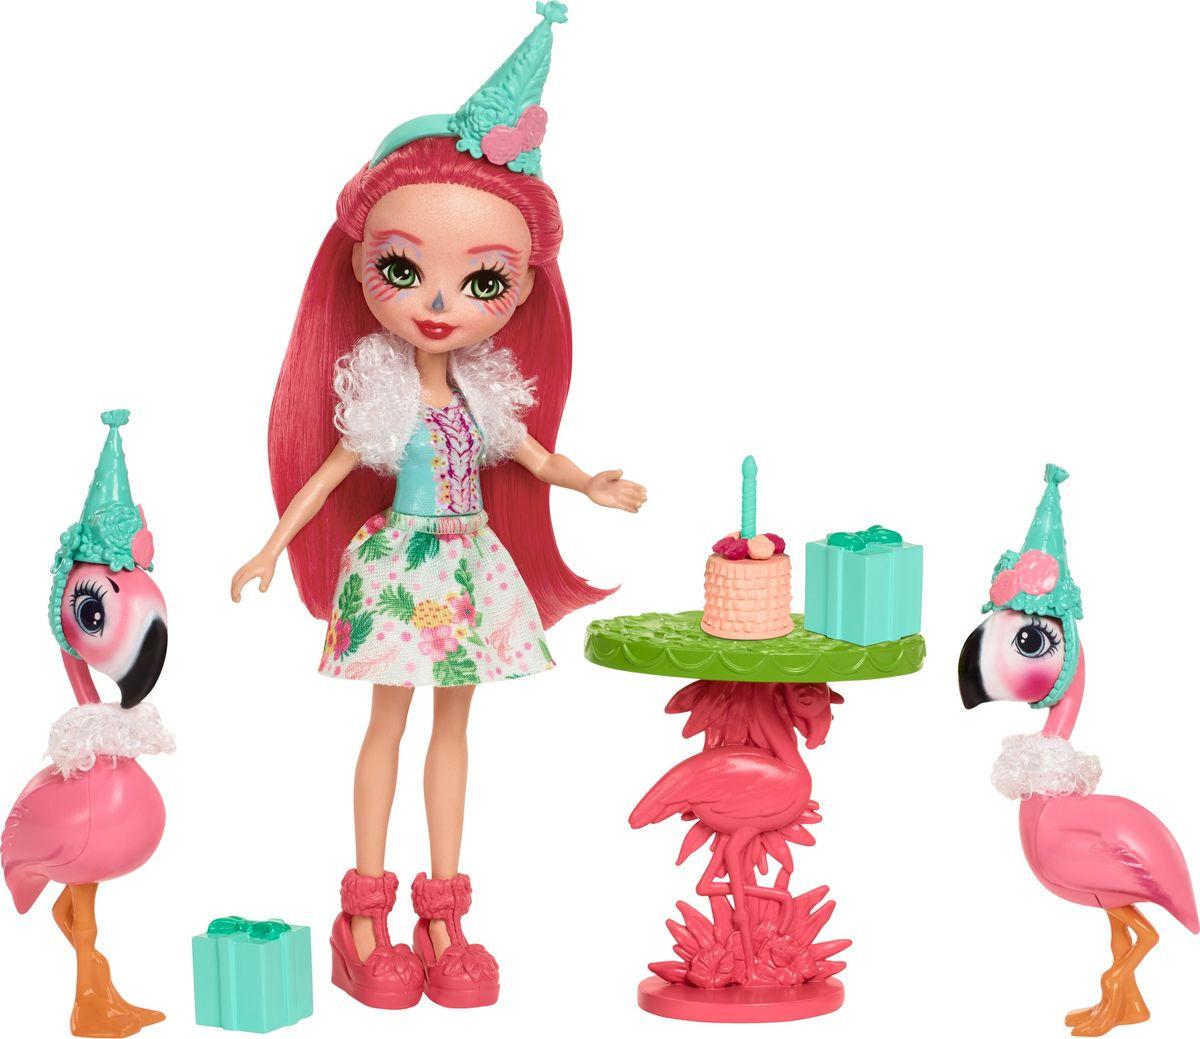 Enchantimals Игровой набор с куклой Lets Flamingle игровой набор enchantimals кукла со зверюшкой и аксессуарами в ассортименте